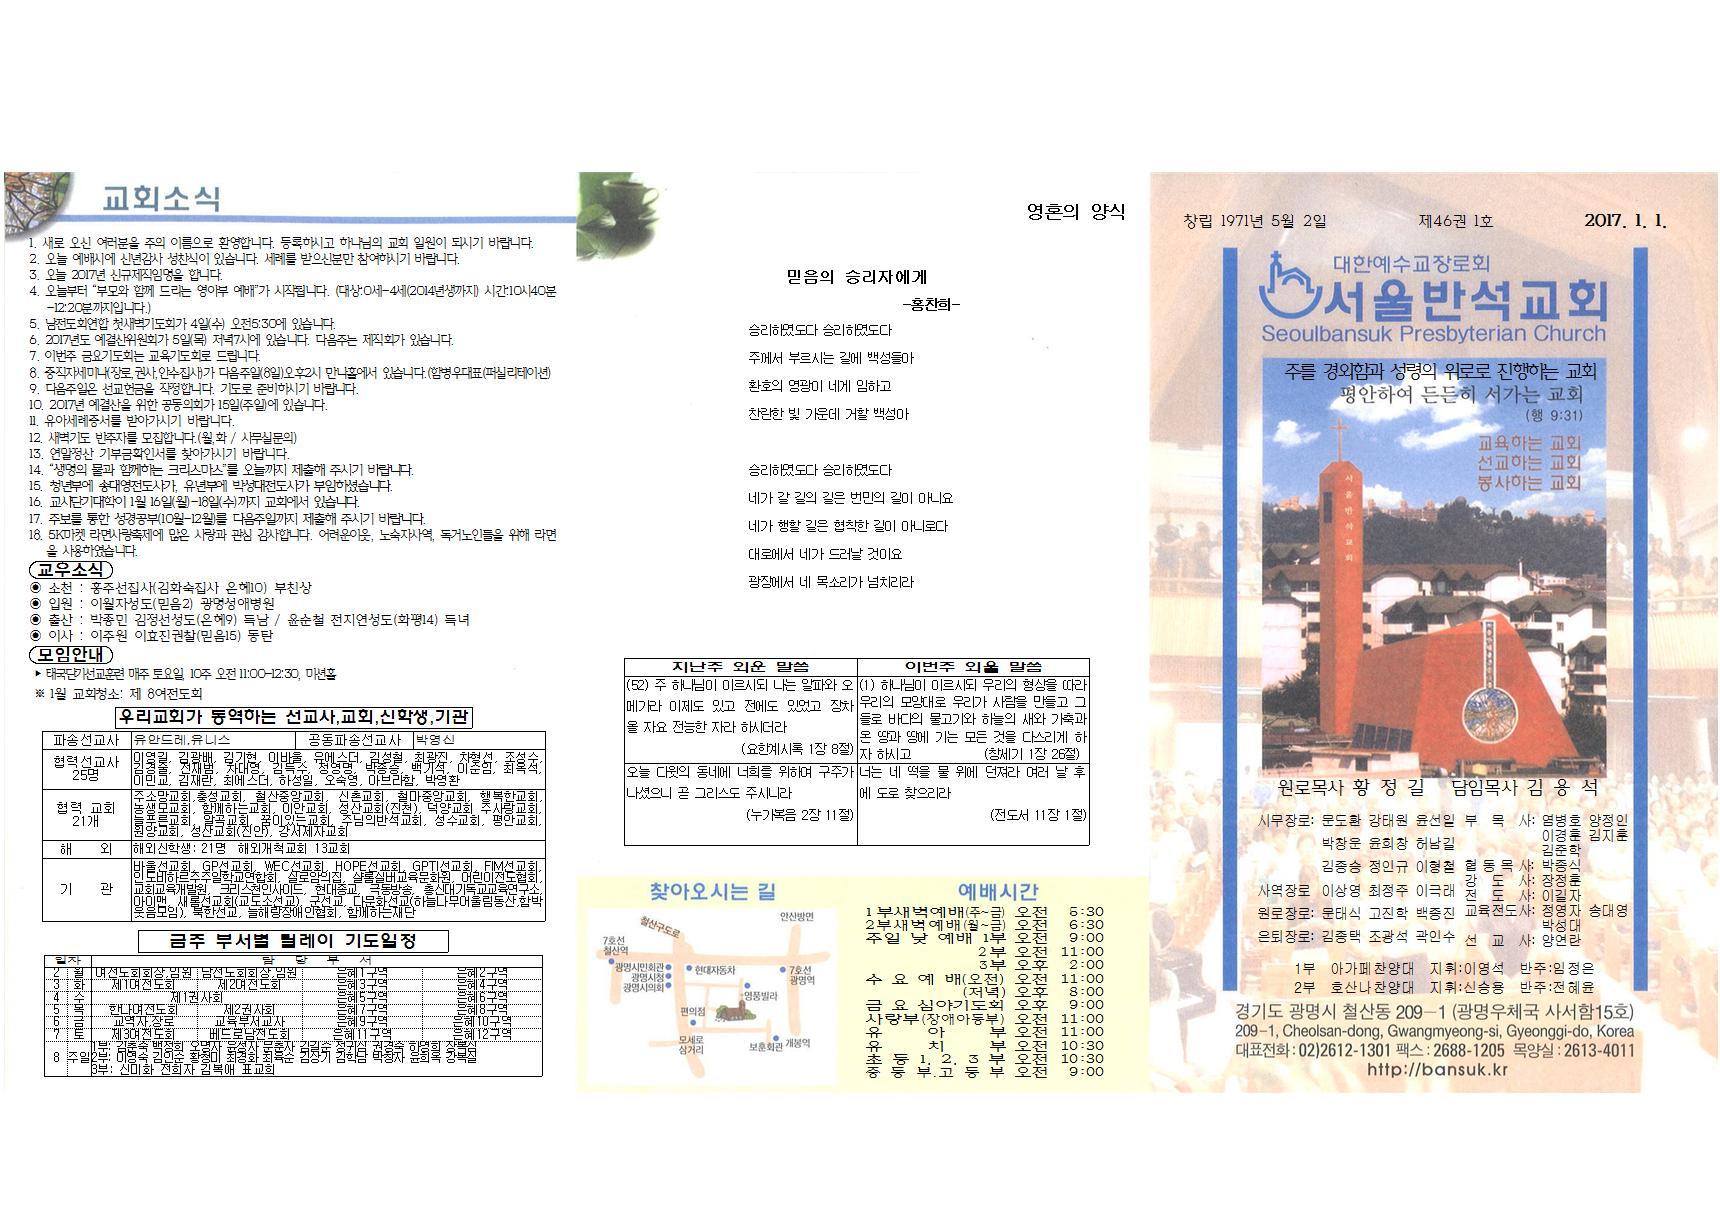 주보 제46권 1호(2017.01.01)